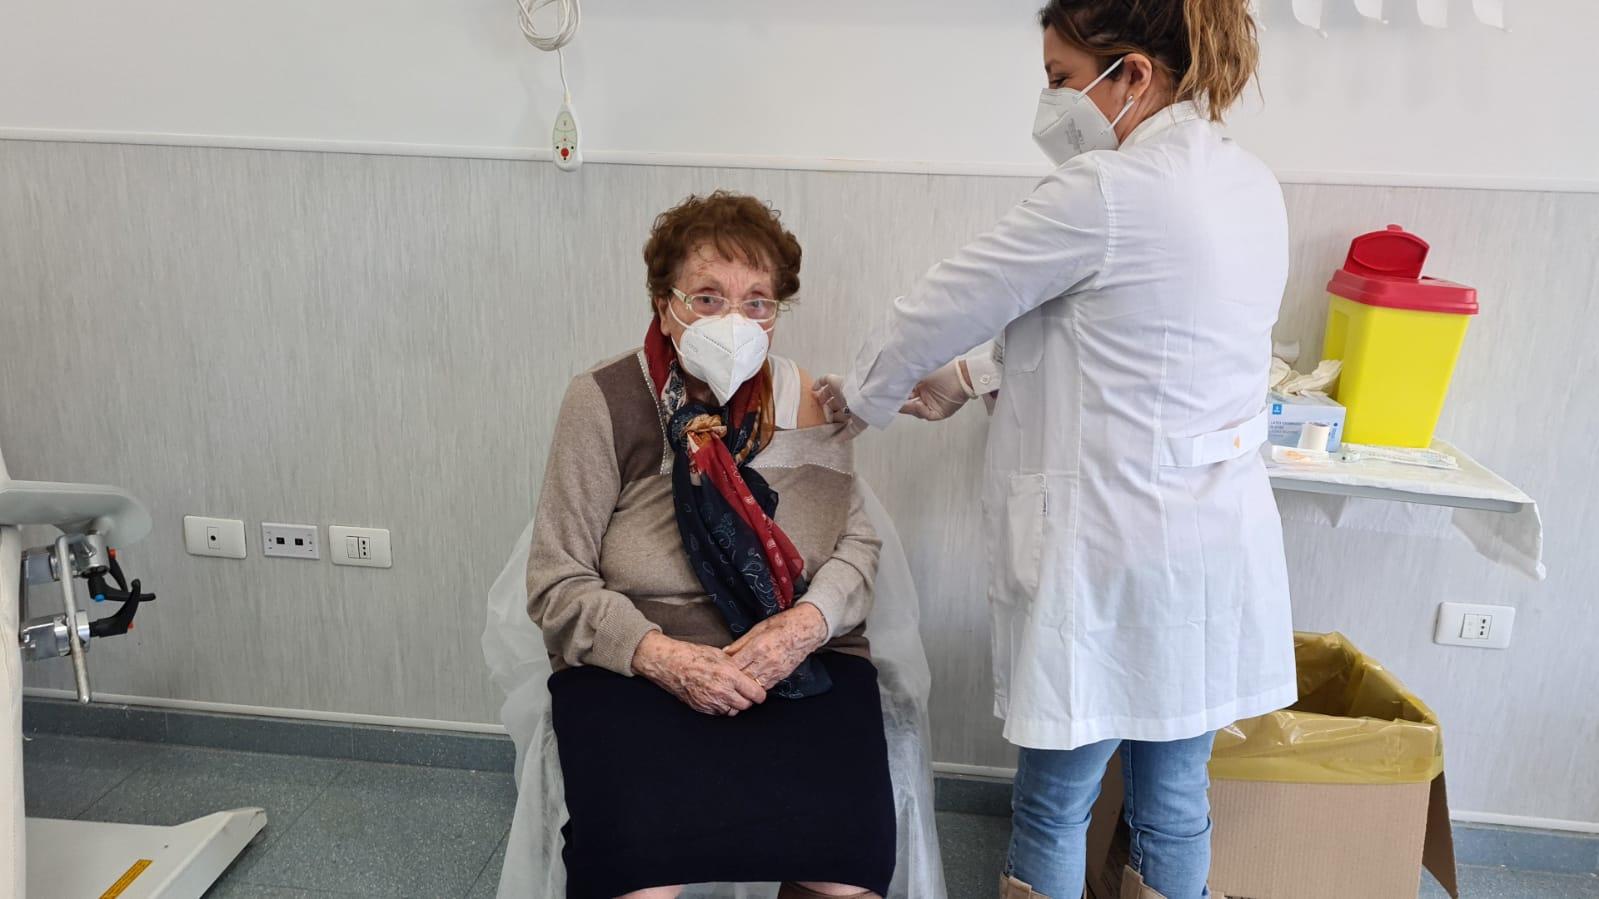 Covid, all'Ingrassia vaccinati 130 over 80 residenti a Monreale. L'intesa con l'Asp